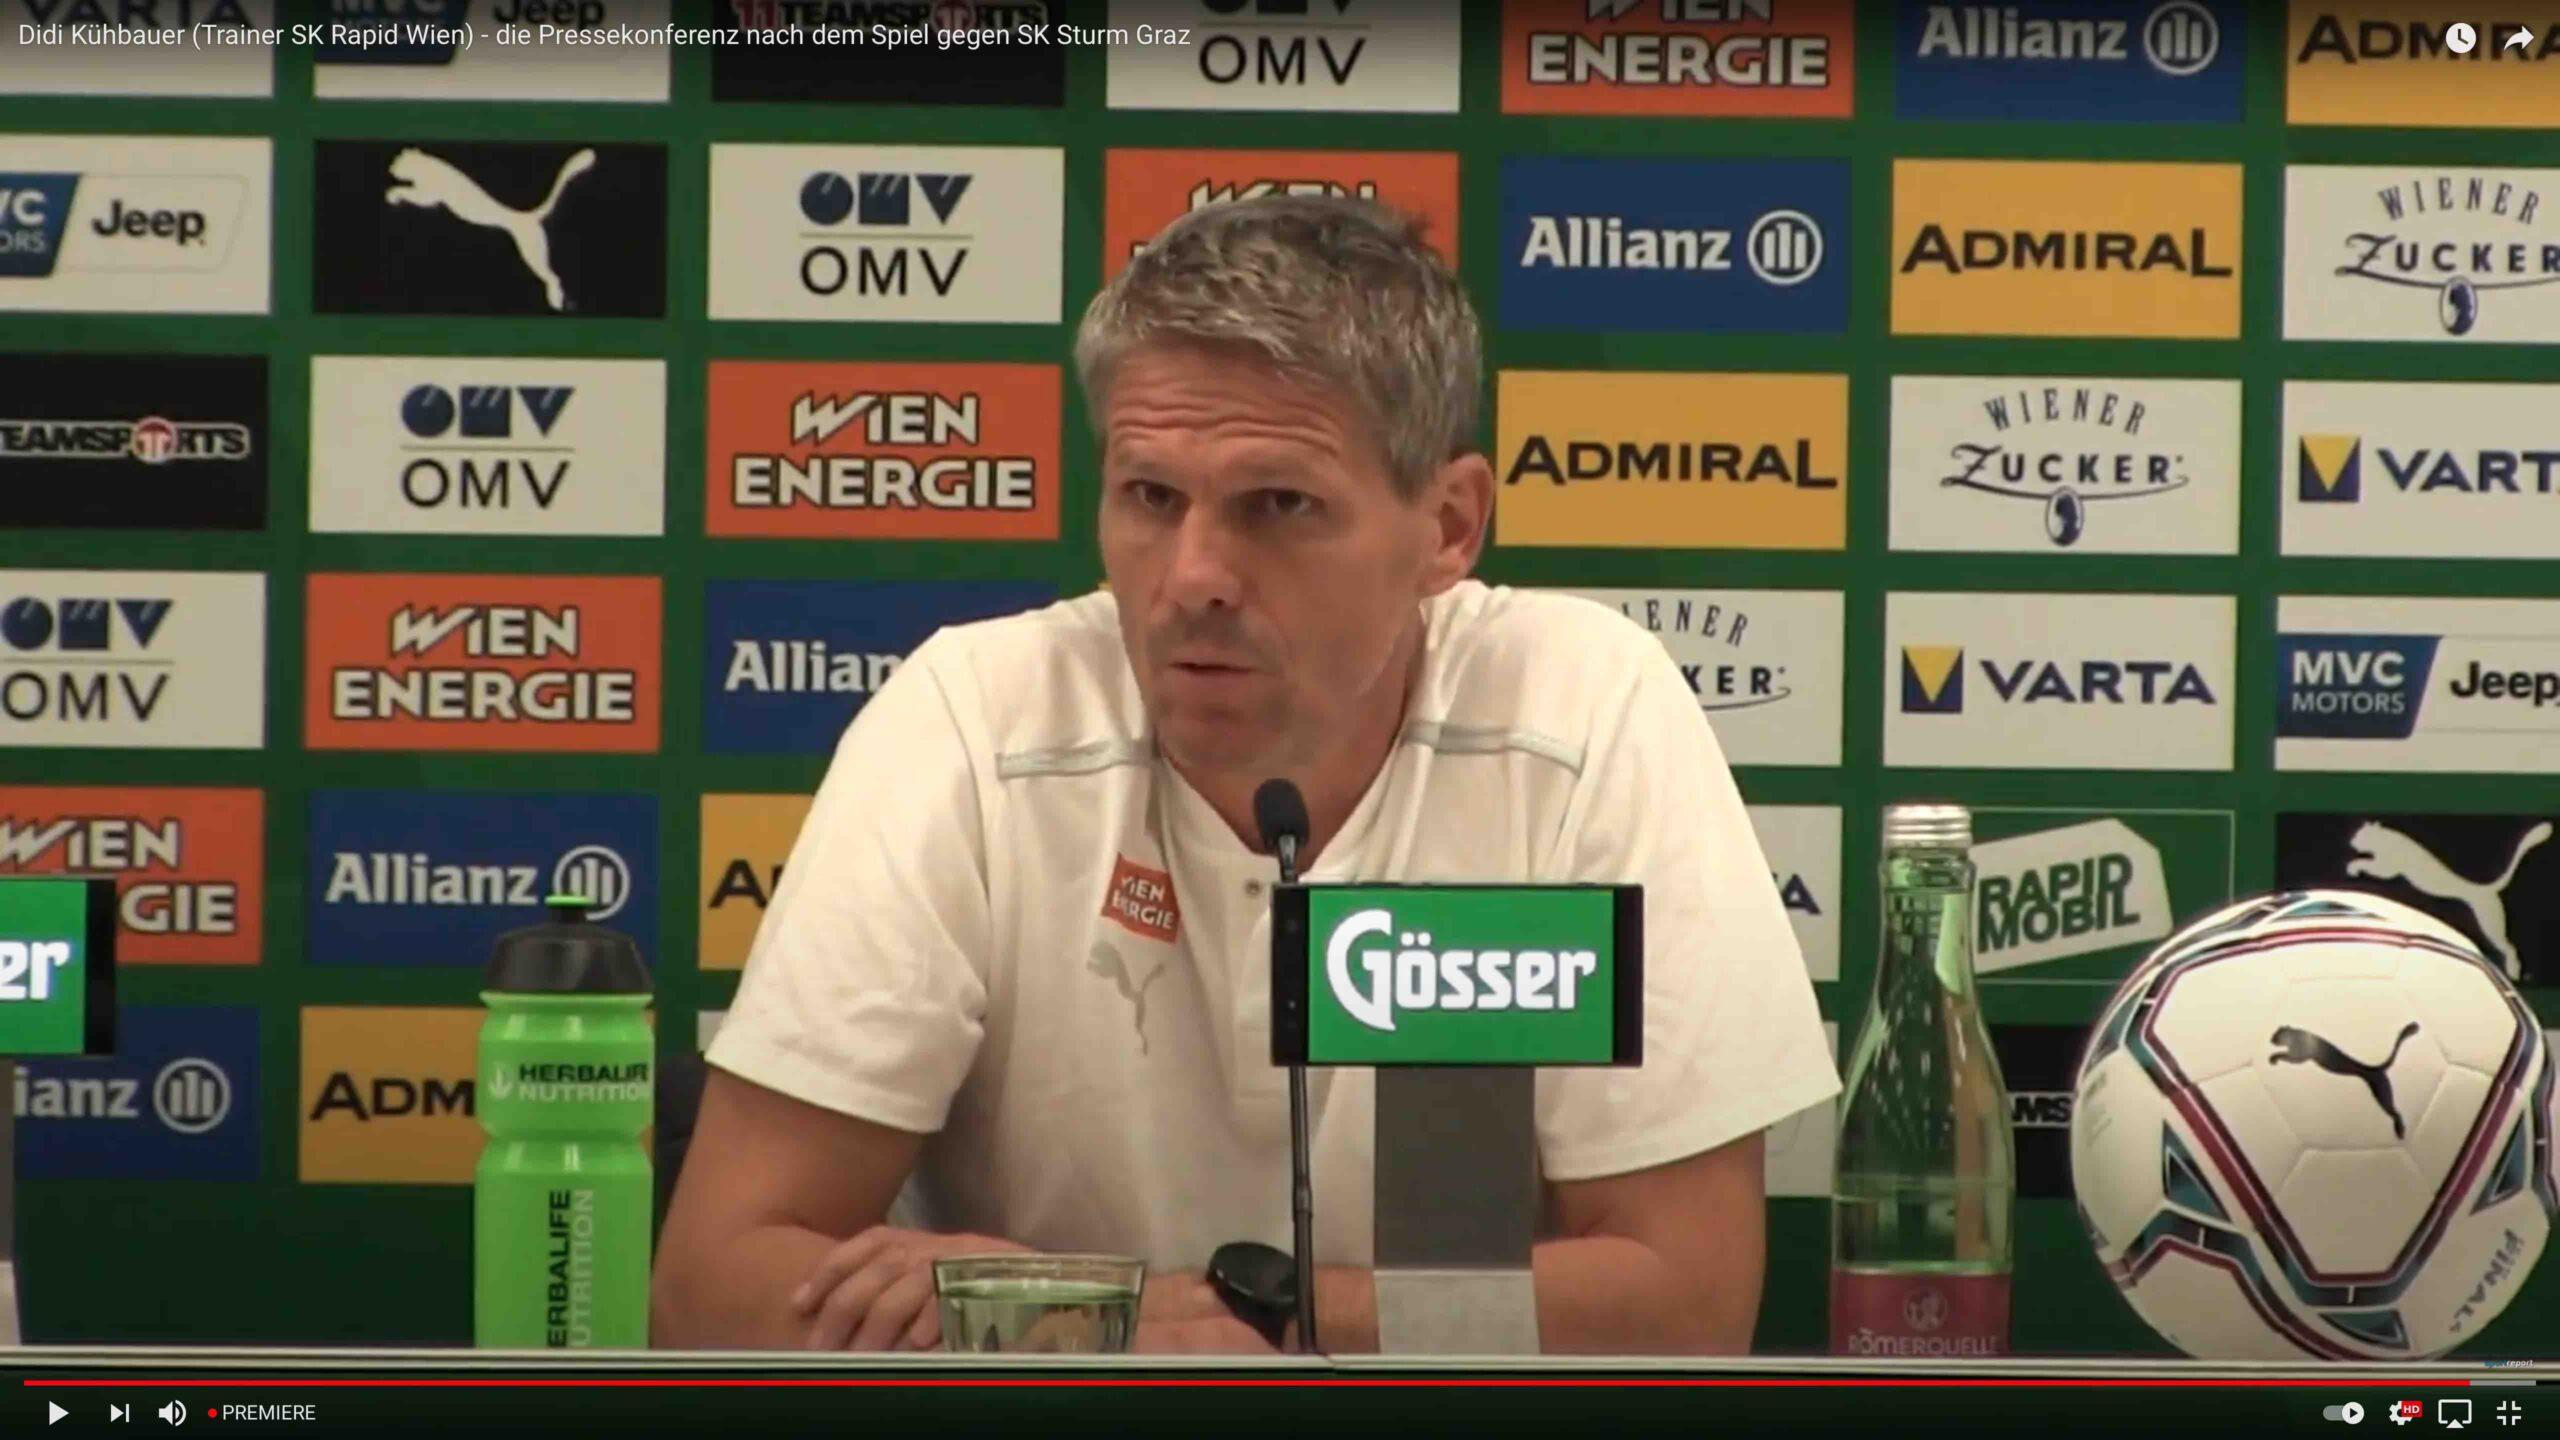 Video: Didi Kühbauer (Trainer SK Rapid Wien) - die Pressekonferenz nach dem Spiel gegen SK Sturm Graz